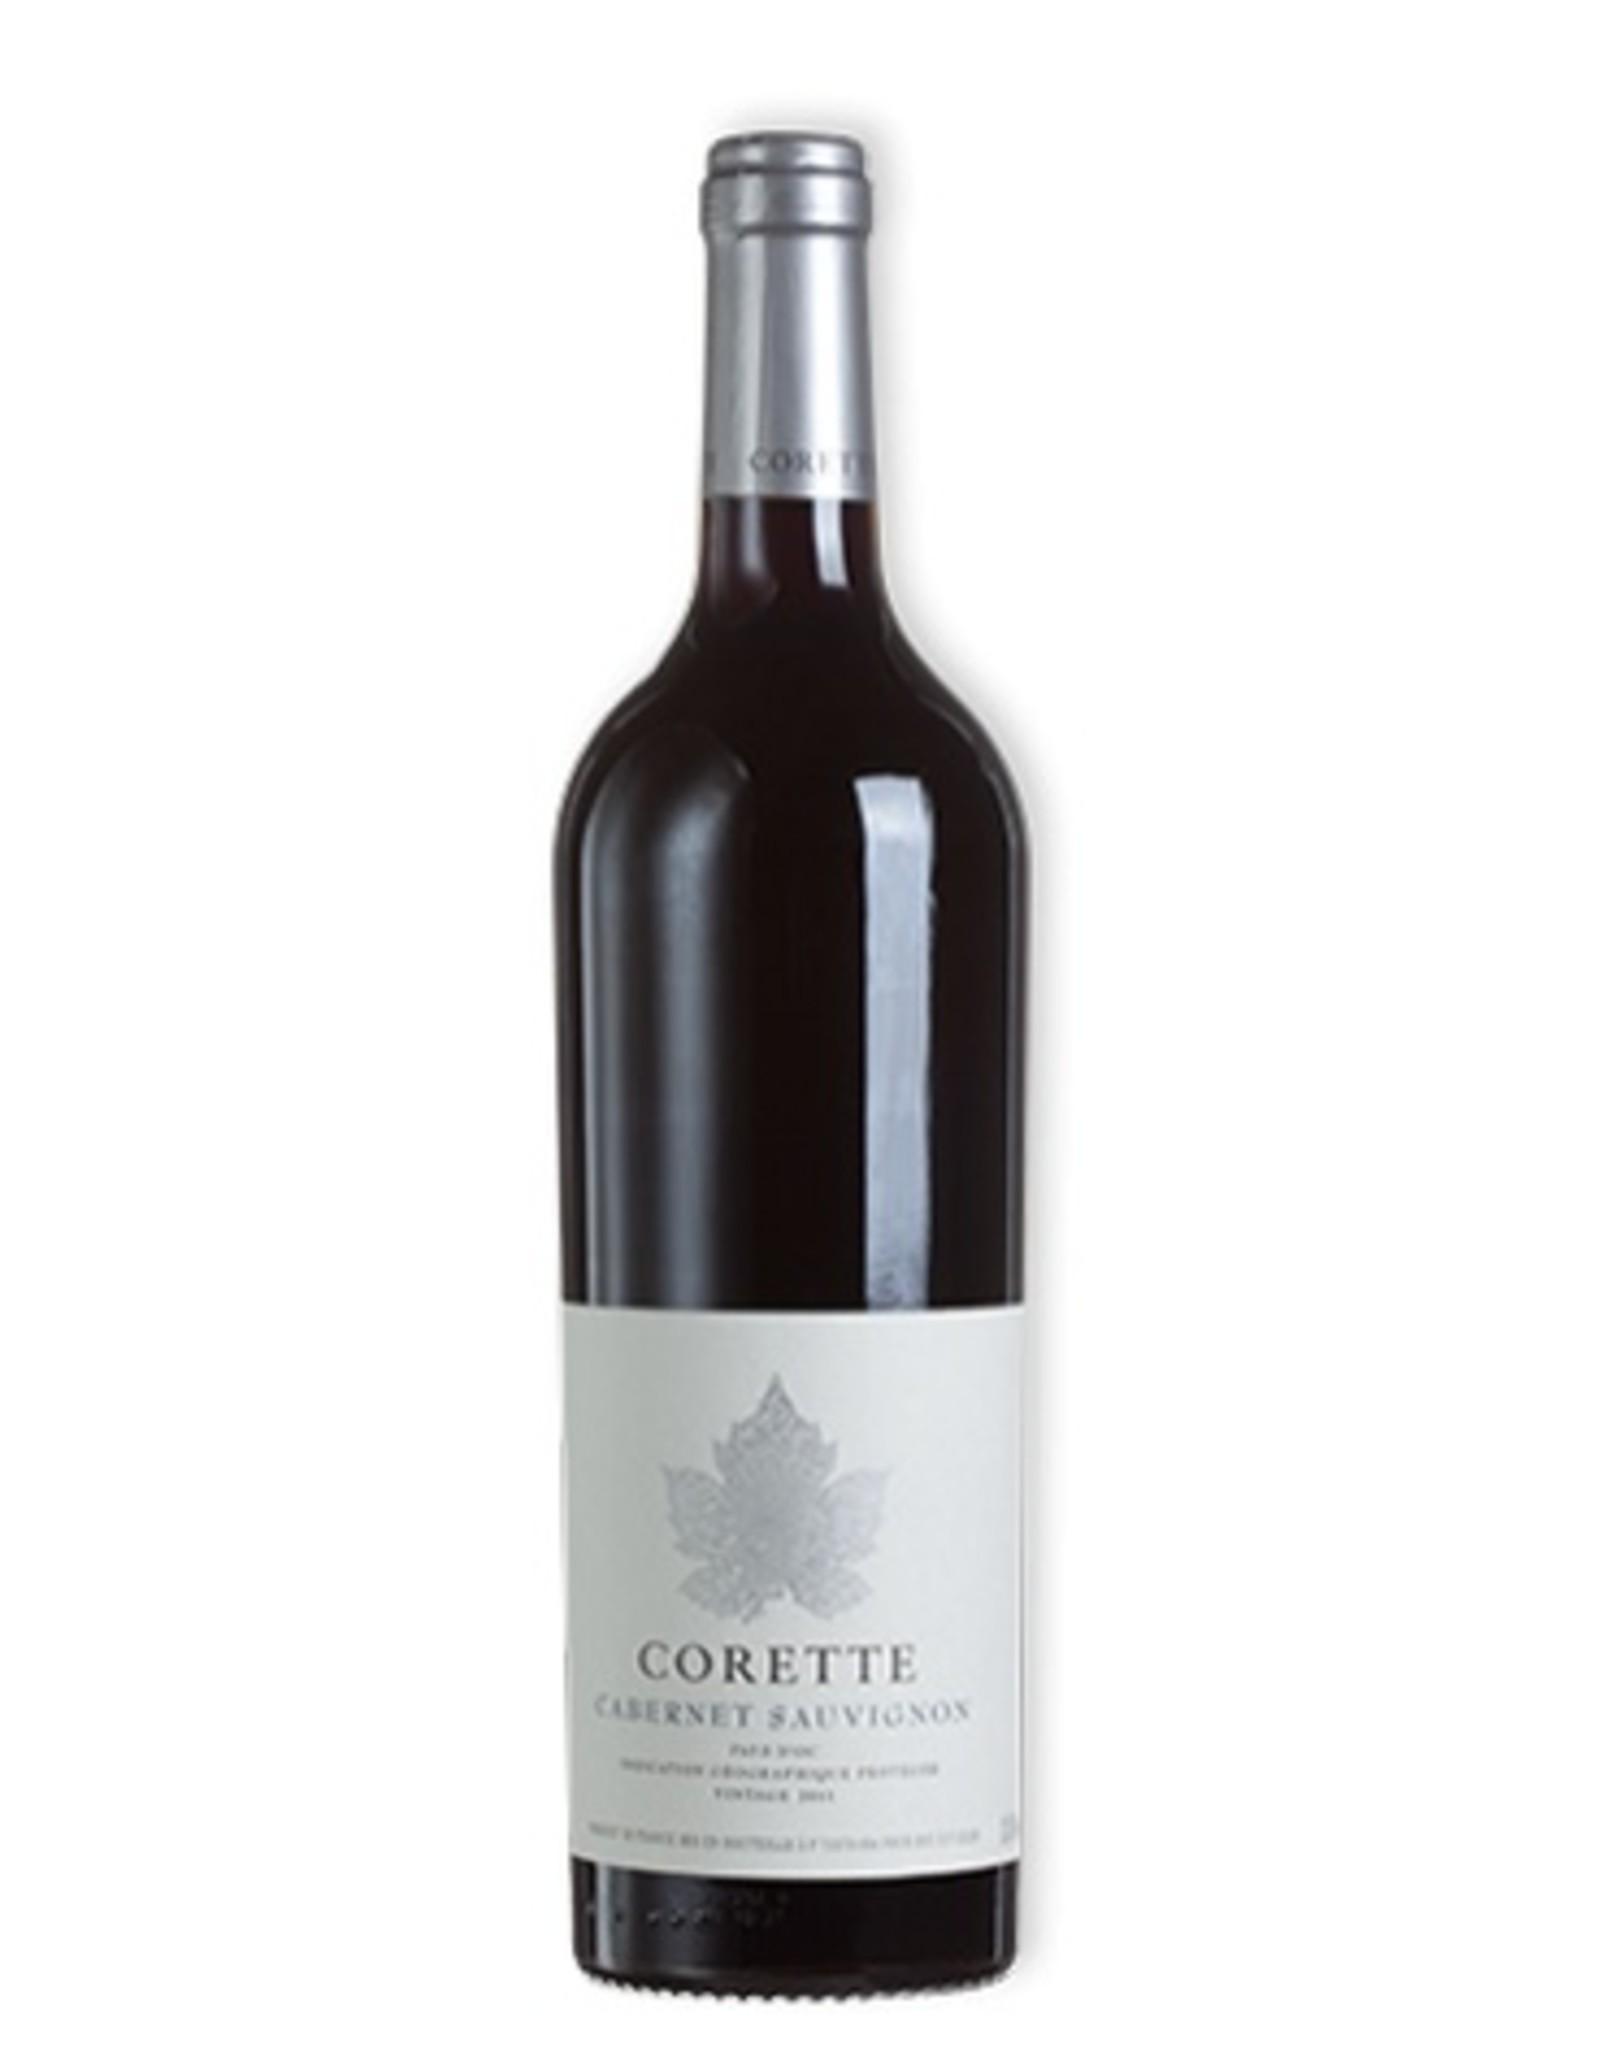 Corette CORETTE Cabernet Sauvignon